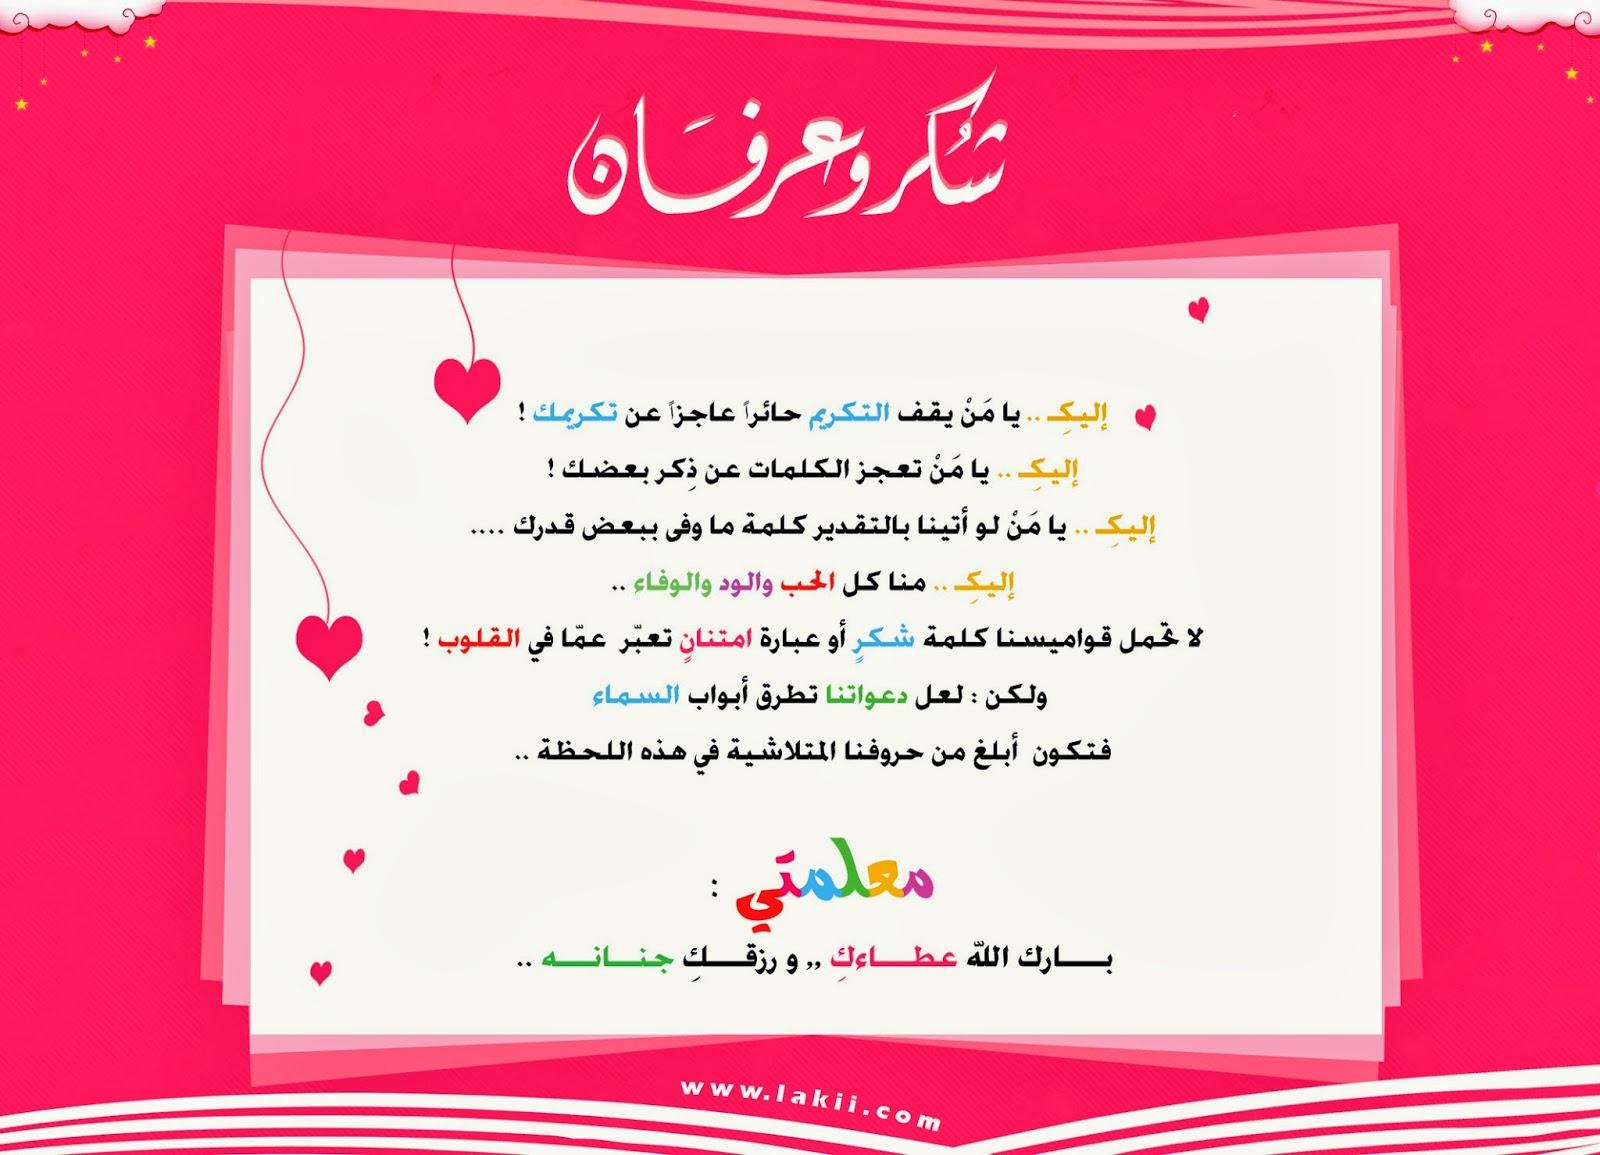 رسالة شكر للمعلم صورة شهاده تقدير للمعلم روعه كلام نسوان